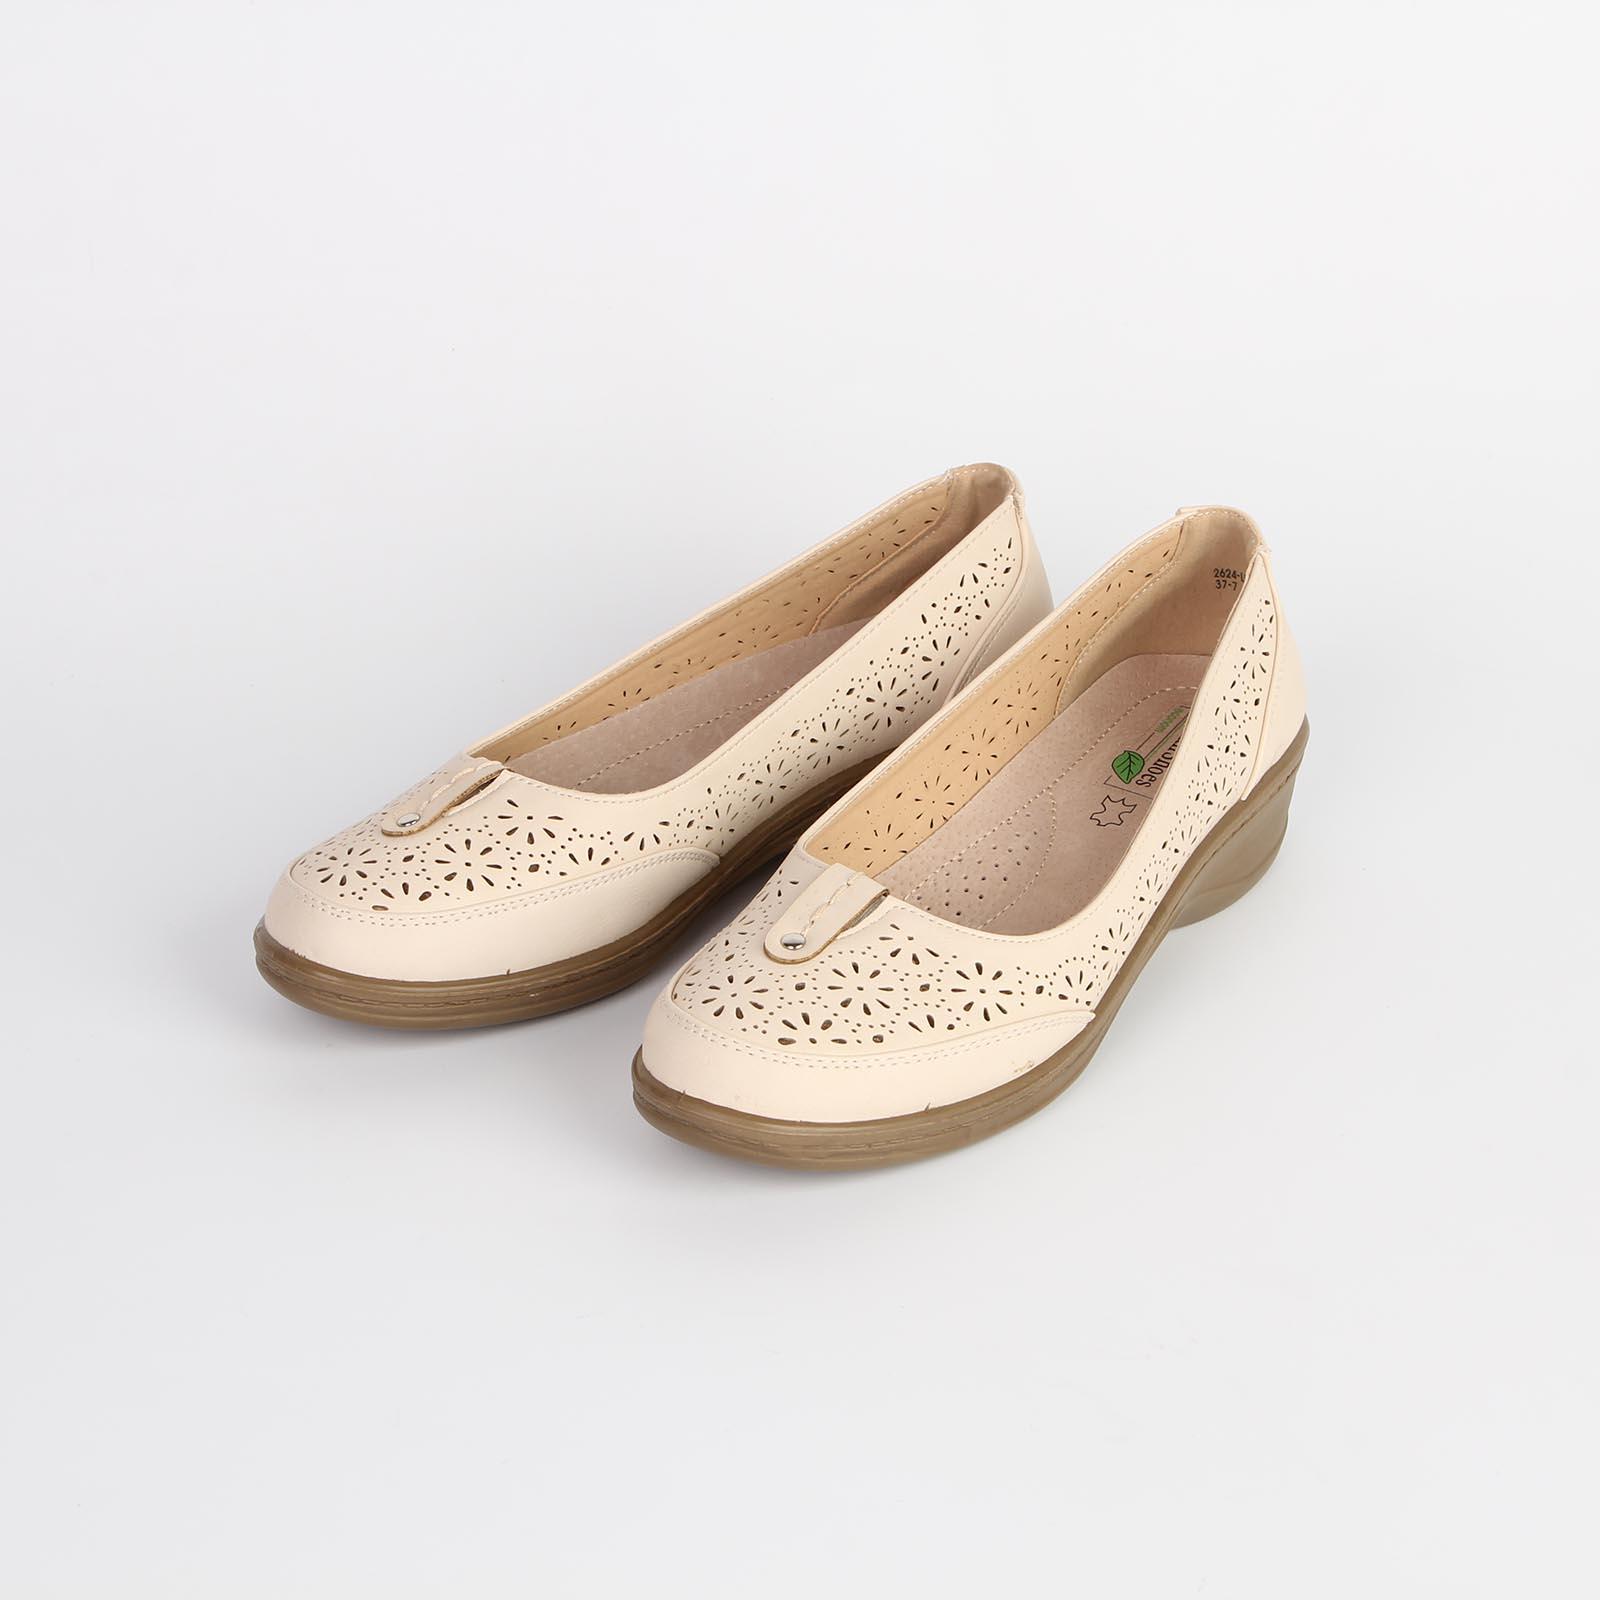 Туфли женские украшенные узорной перфорацией на удобной подошве